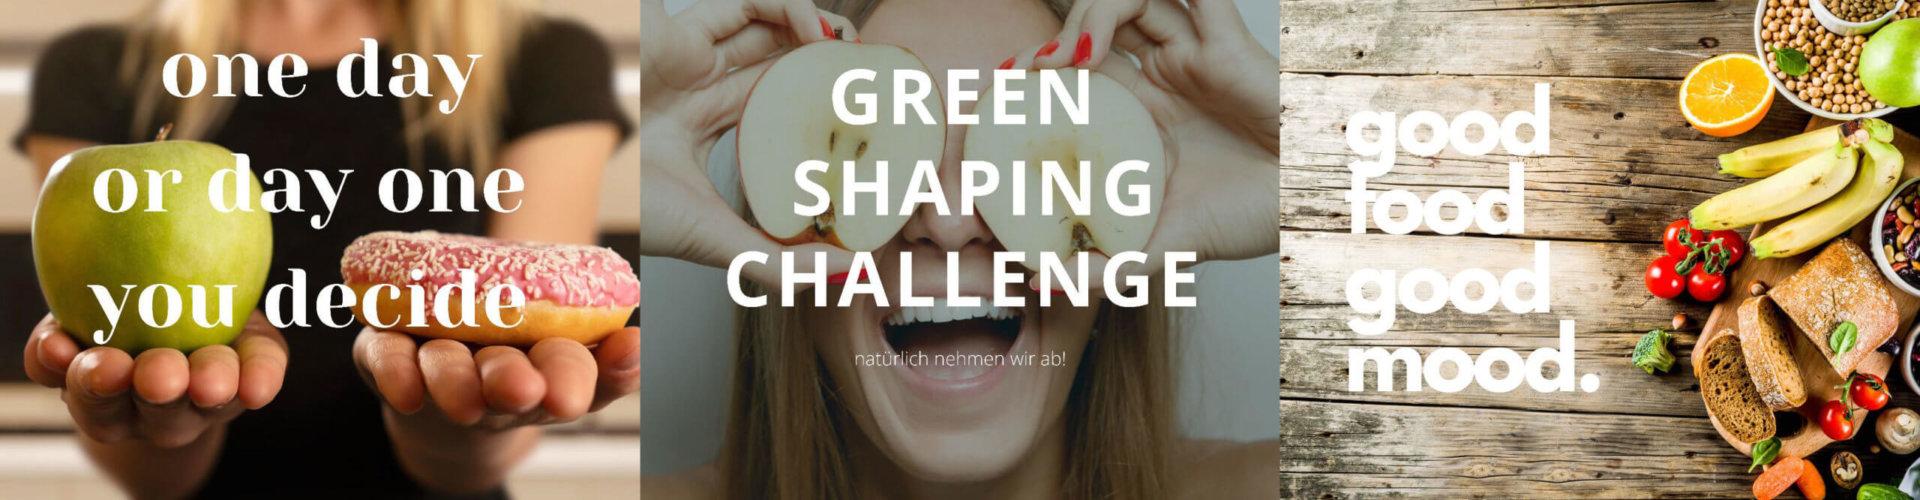 naturtalente-greenshaping-challenge